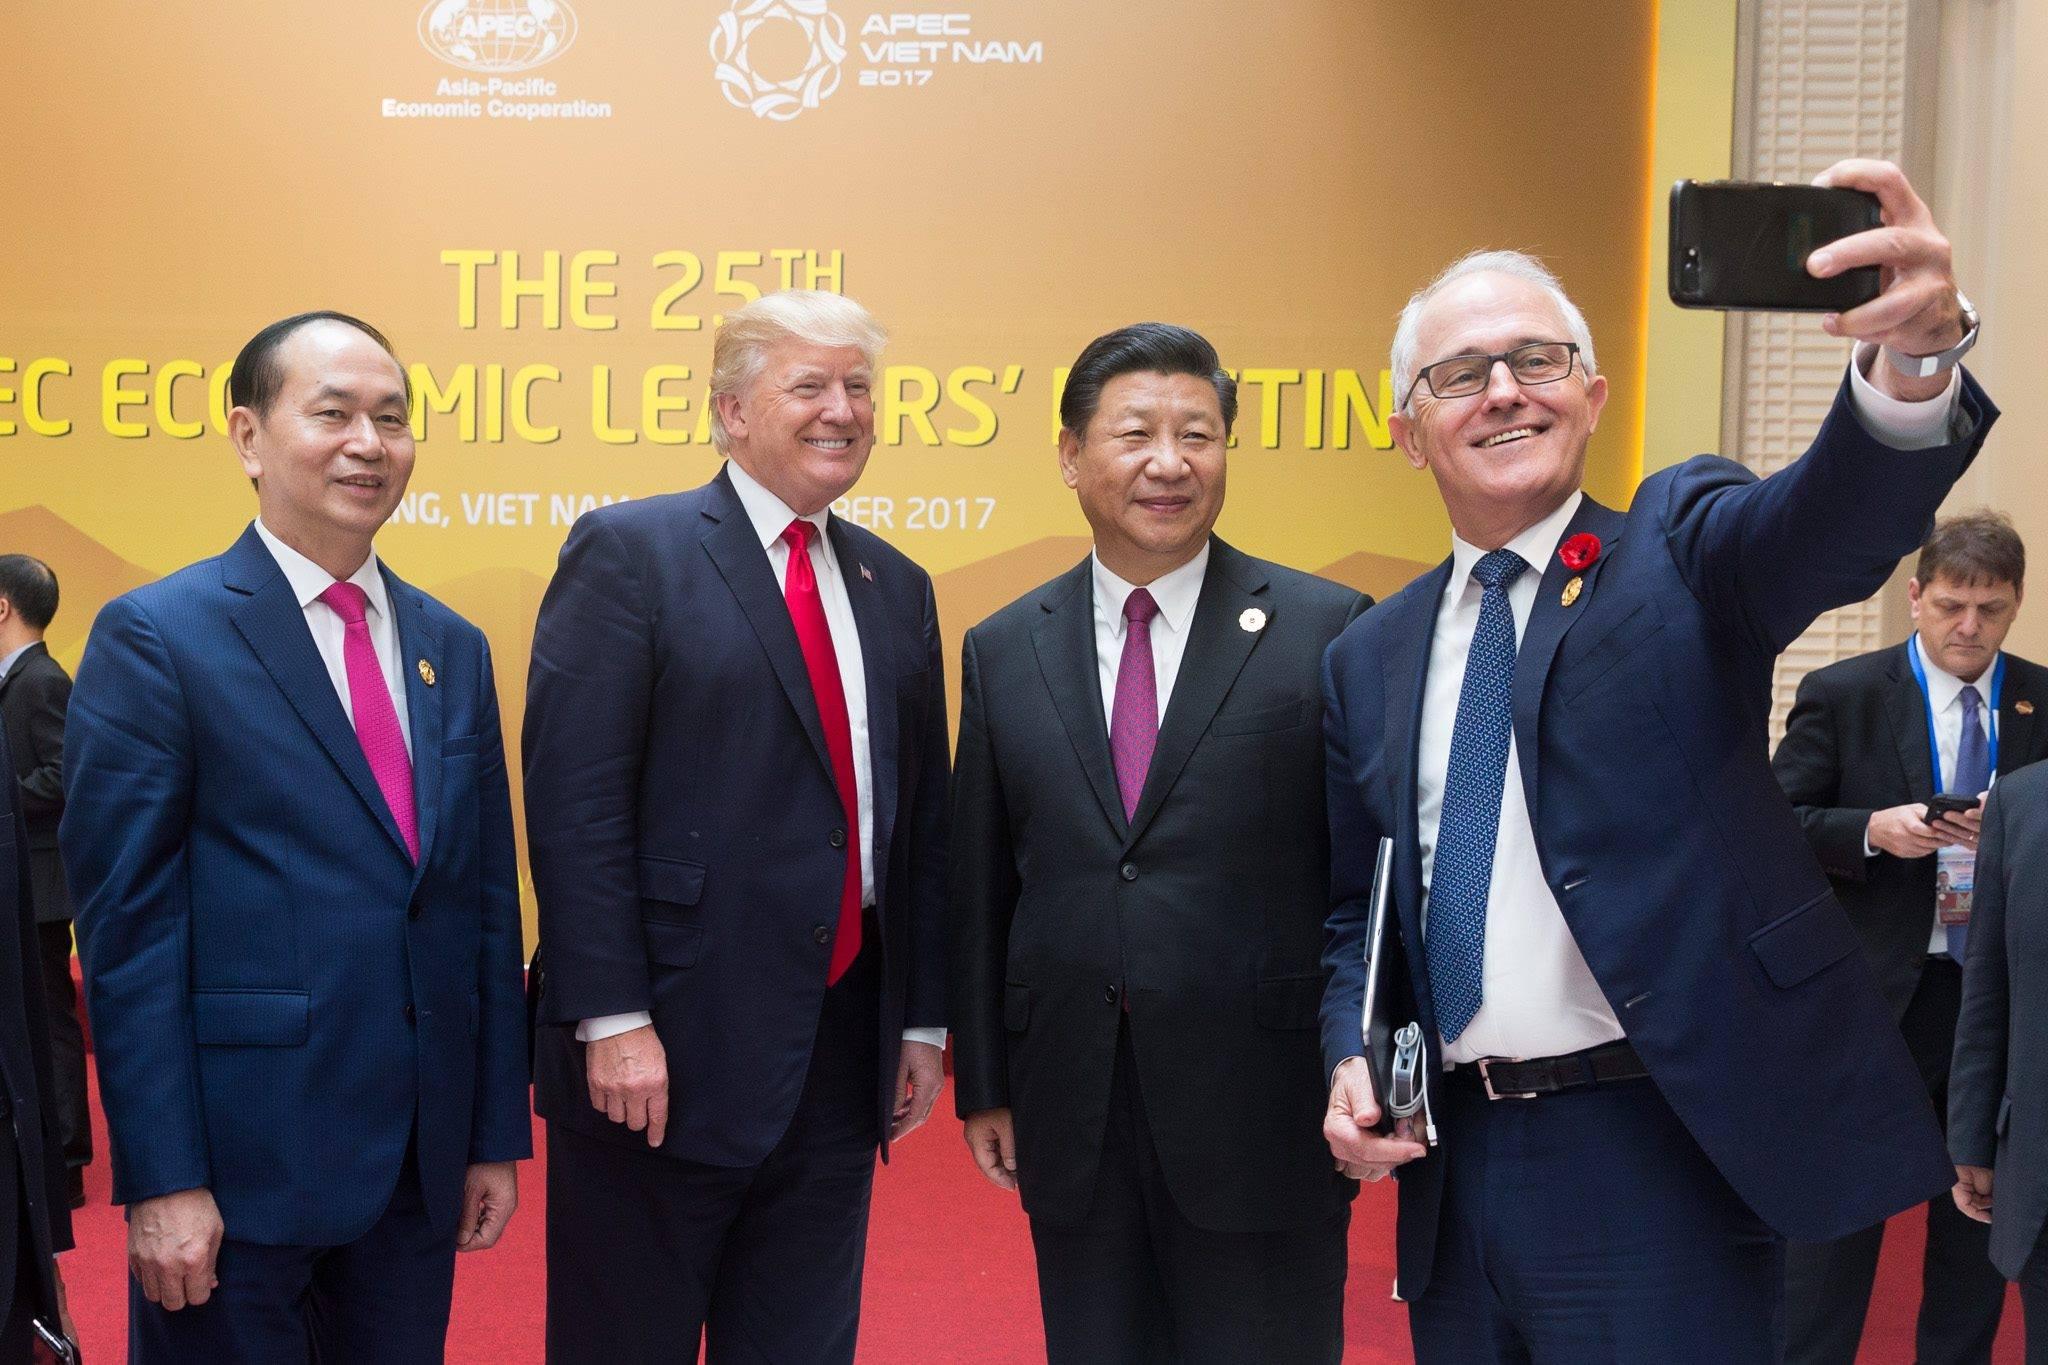 Il G20 è stato un successo nonostante tutto